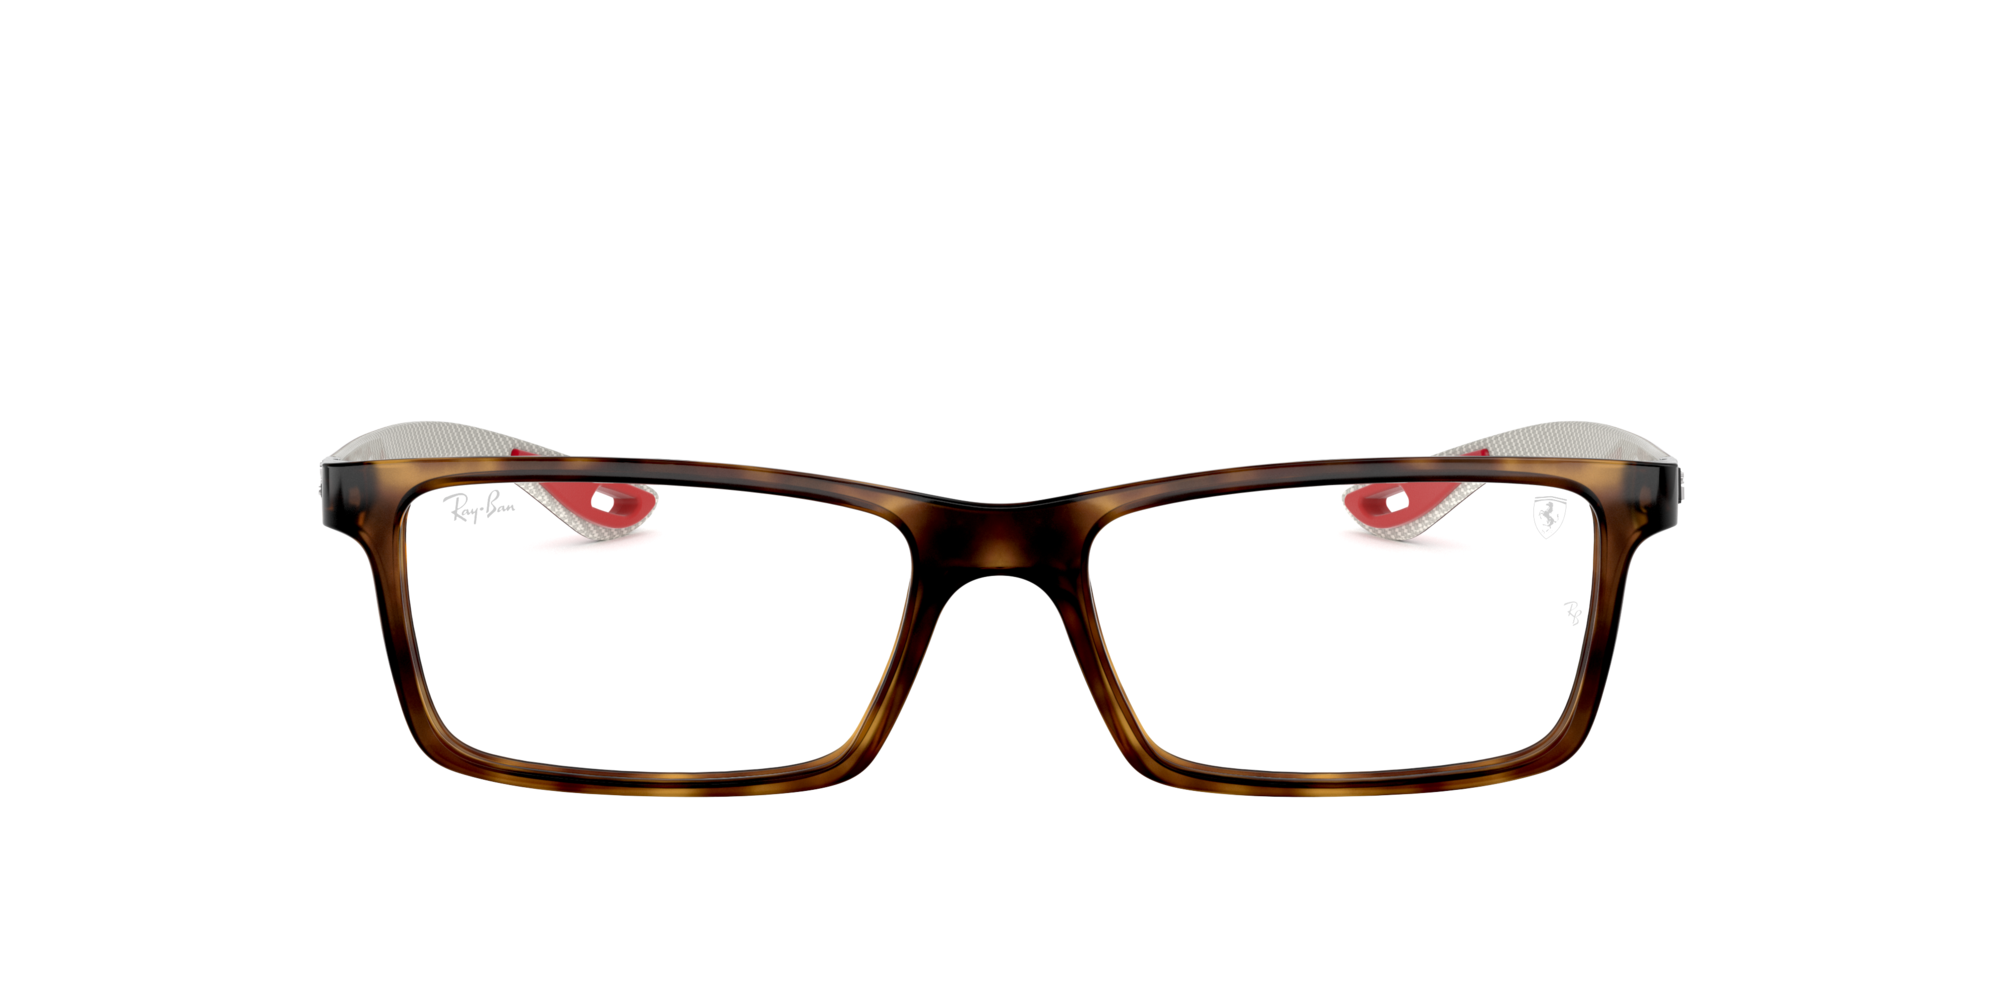 Imagen para RX8901M FERRARI de LensCrafters |  Espejuelos, espejuelos graduados en línea, gafas